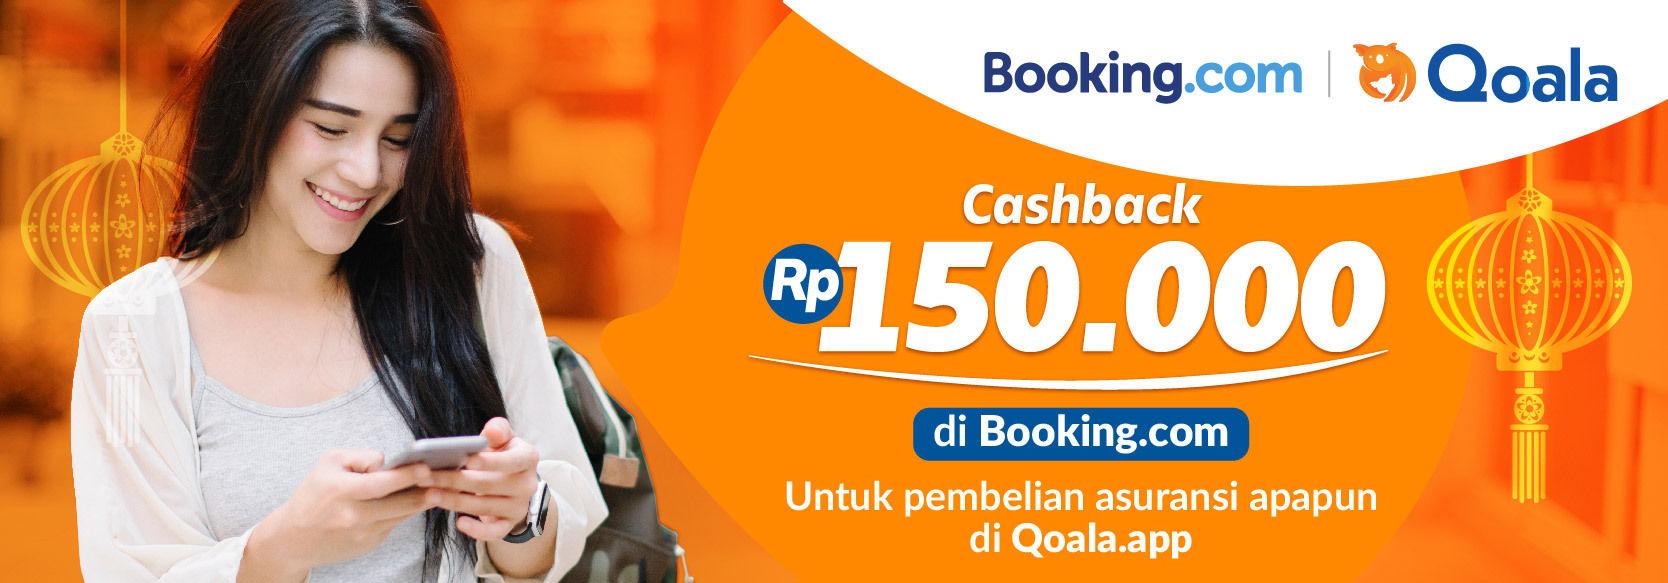 Qoala x Booking.com